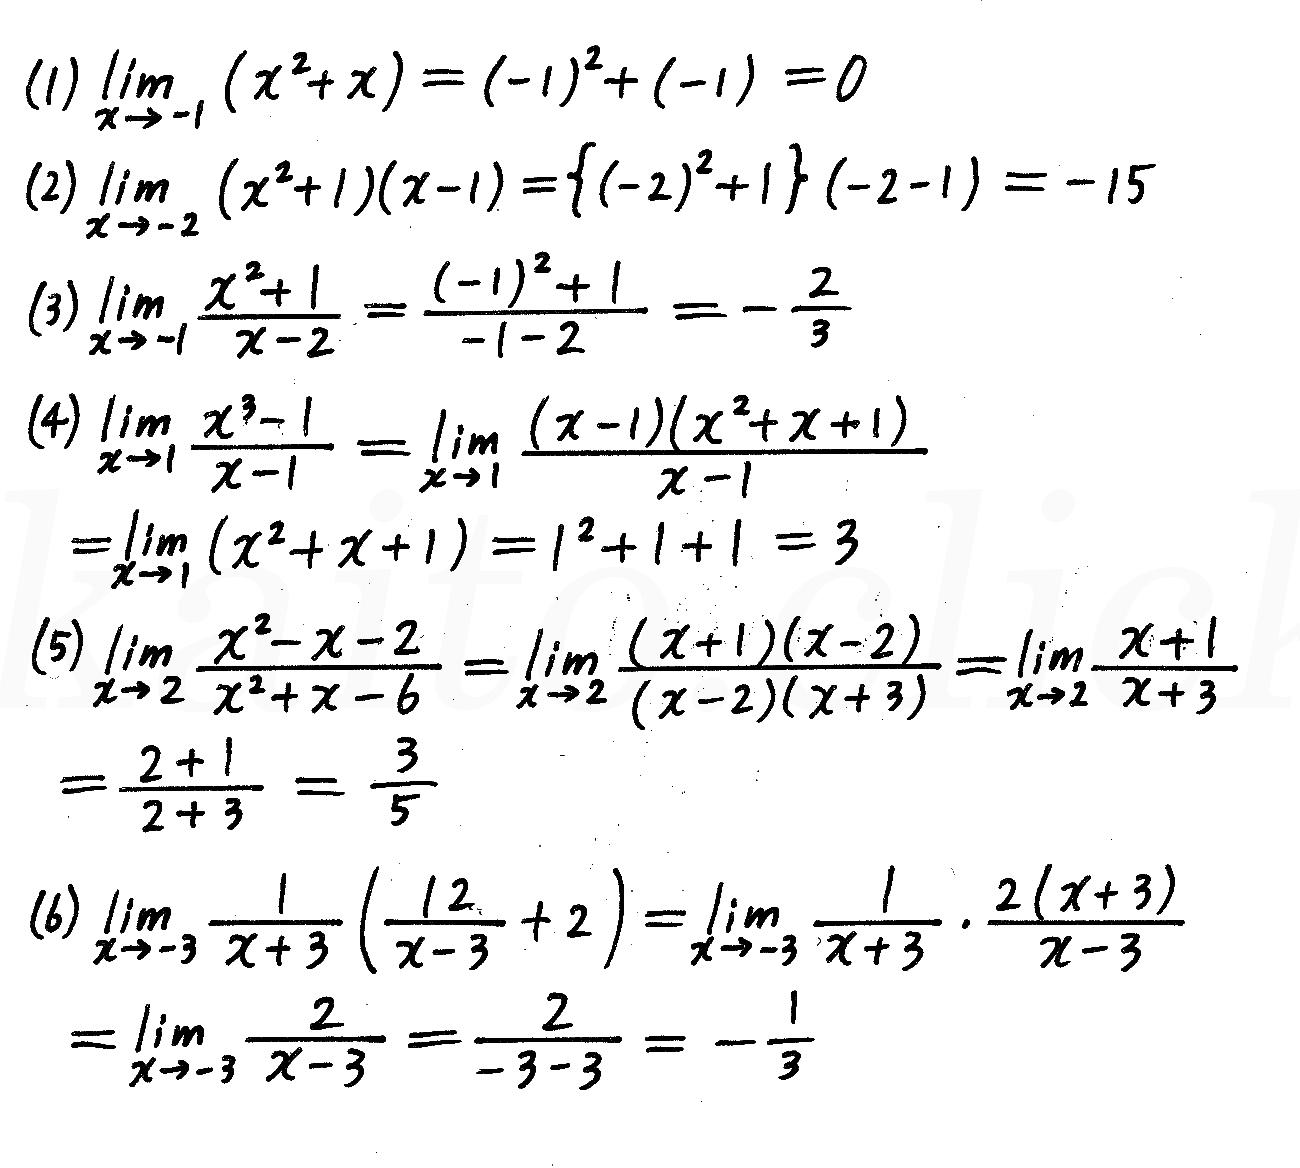 4STEP数学2-398解答